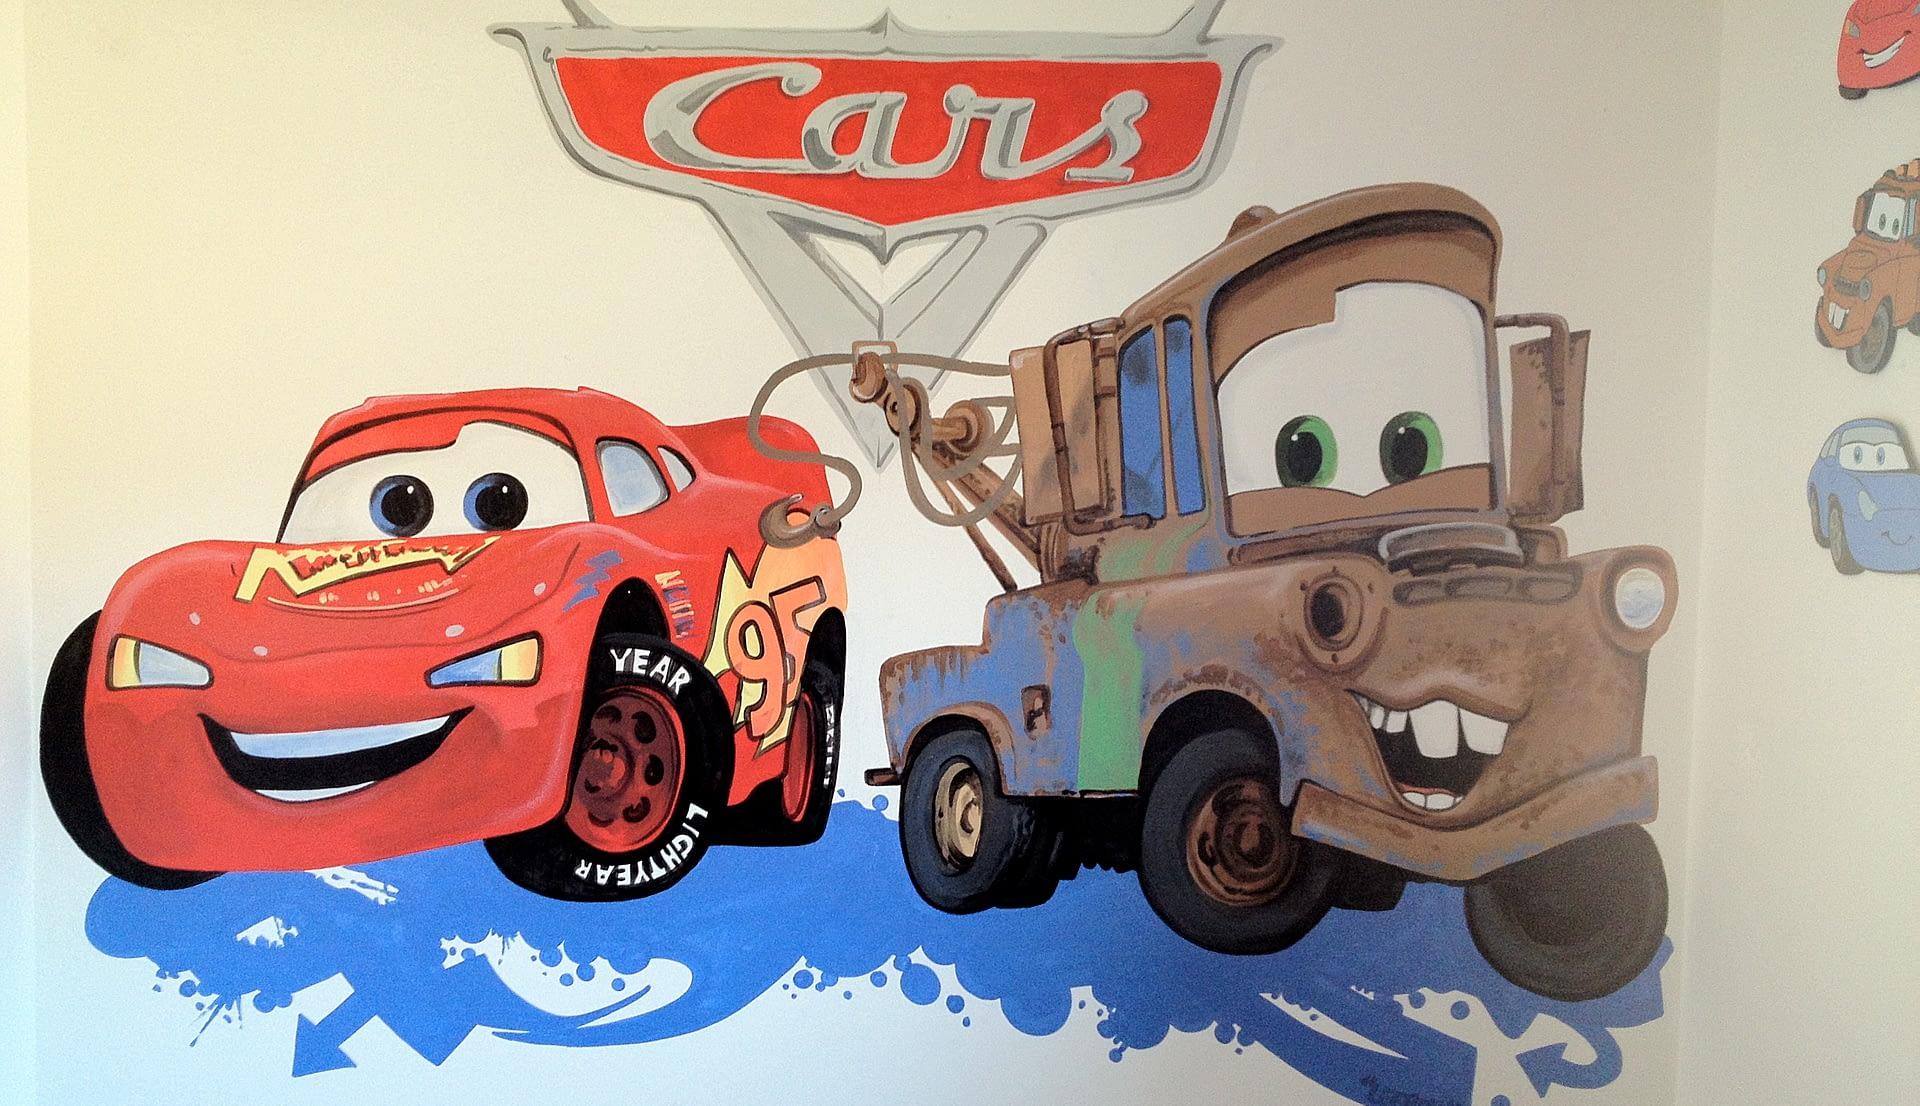 Cars - Lightning & Mater